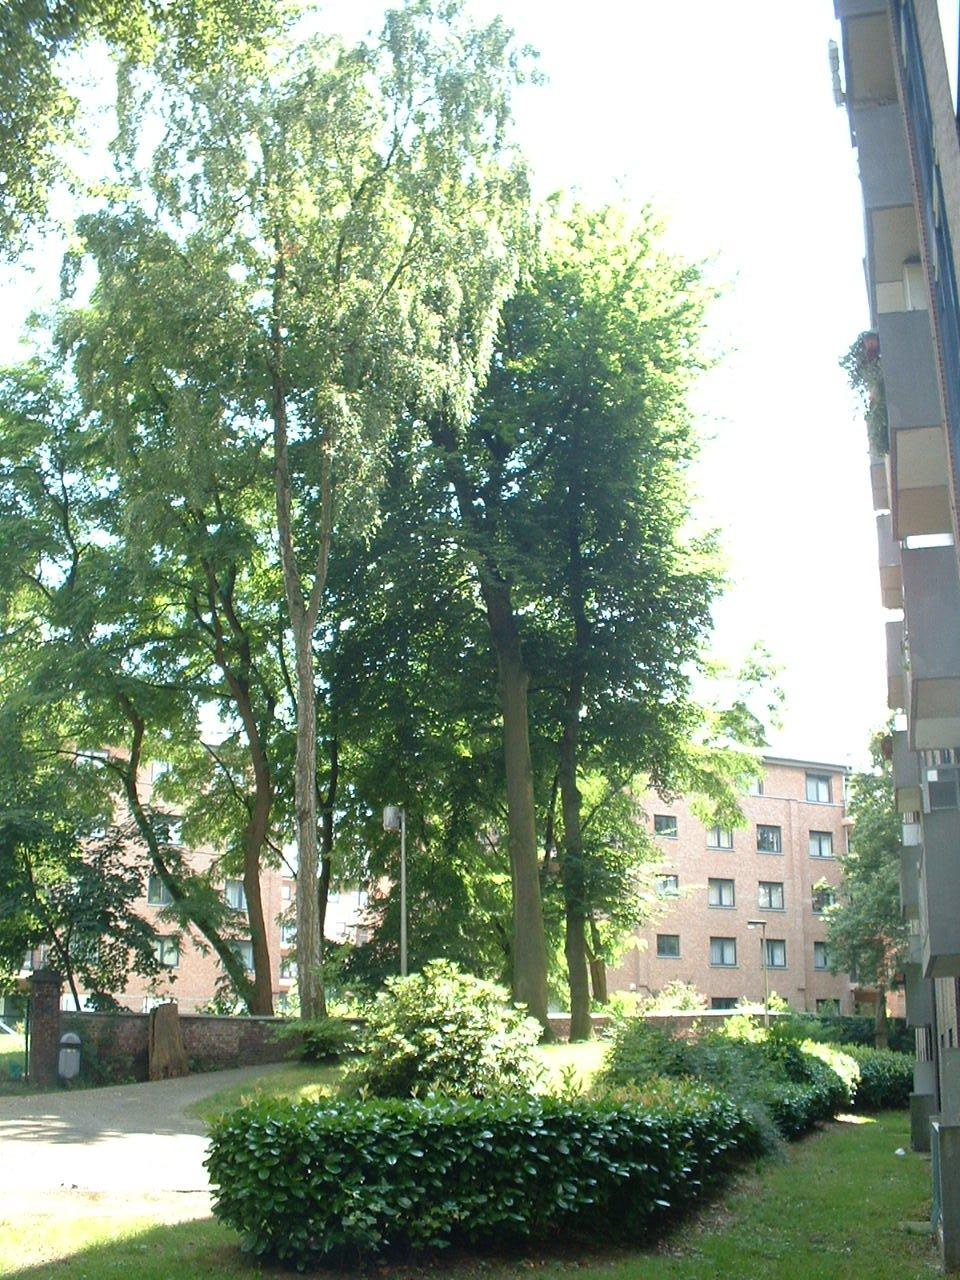 Hêtre pourpre – Auderghem, Parc Lambin, Avenue Léopold Florent Lambin –  03 Août 2005